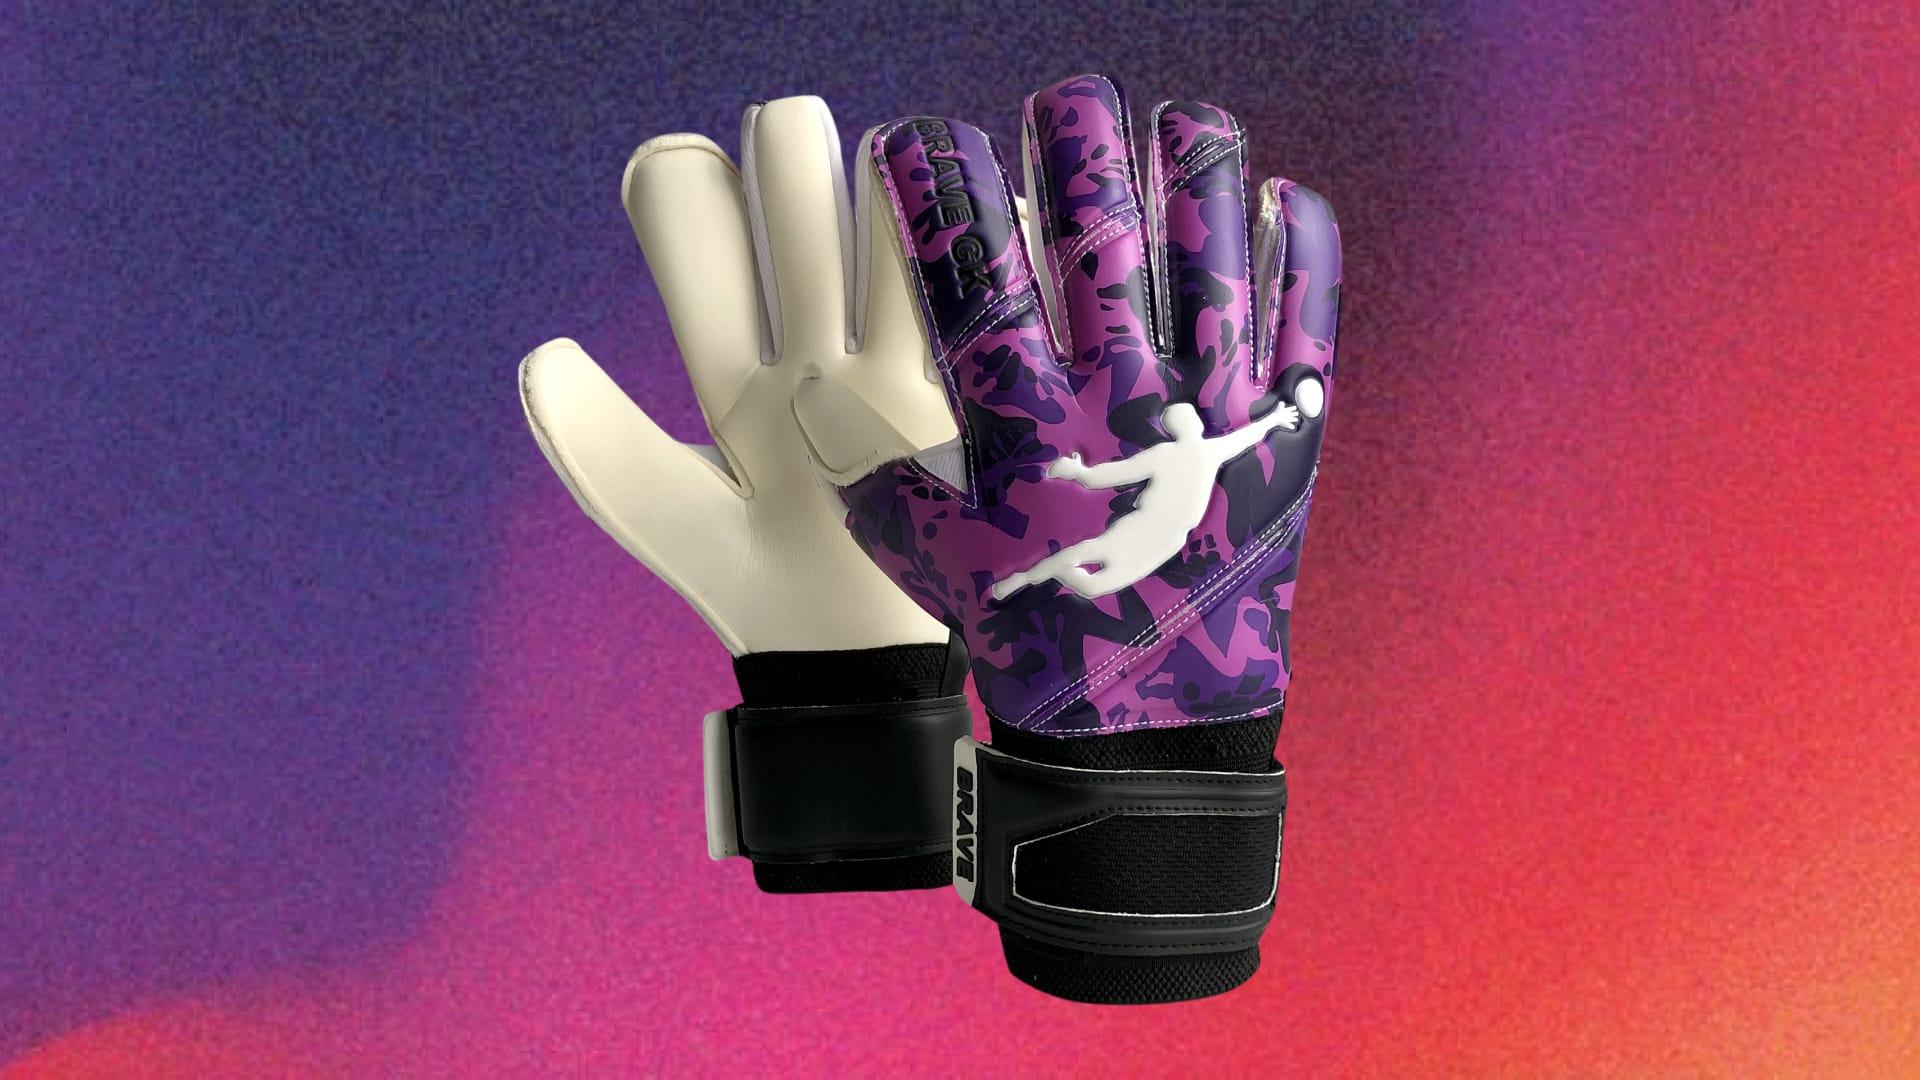 Рукавиці Brave GK Reflex Camo Purple - офіційний інтернет-магазин Brave GK